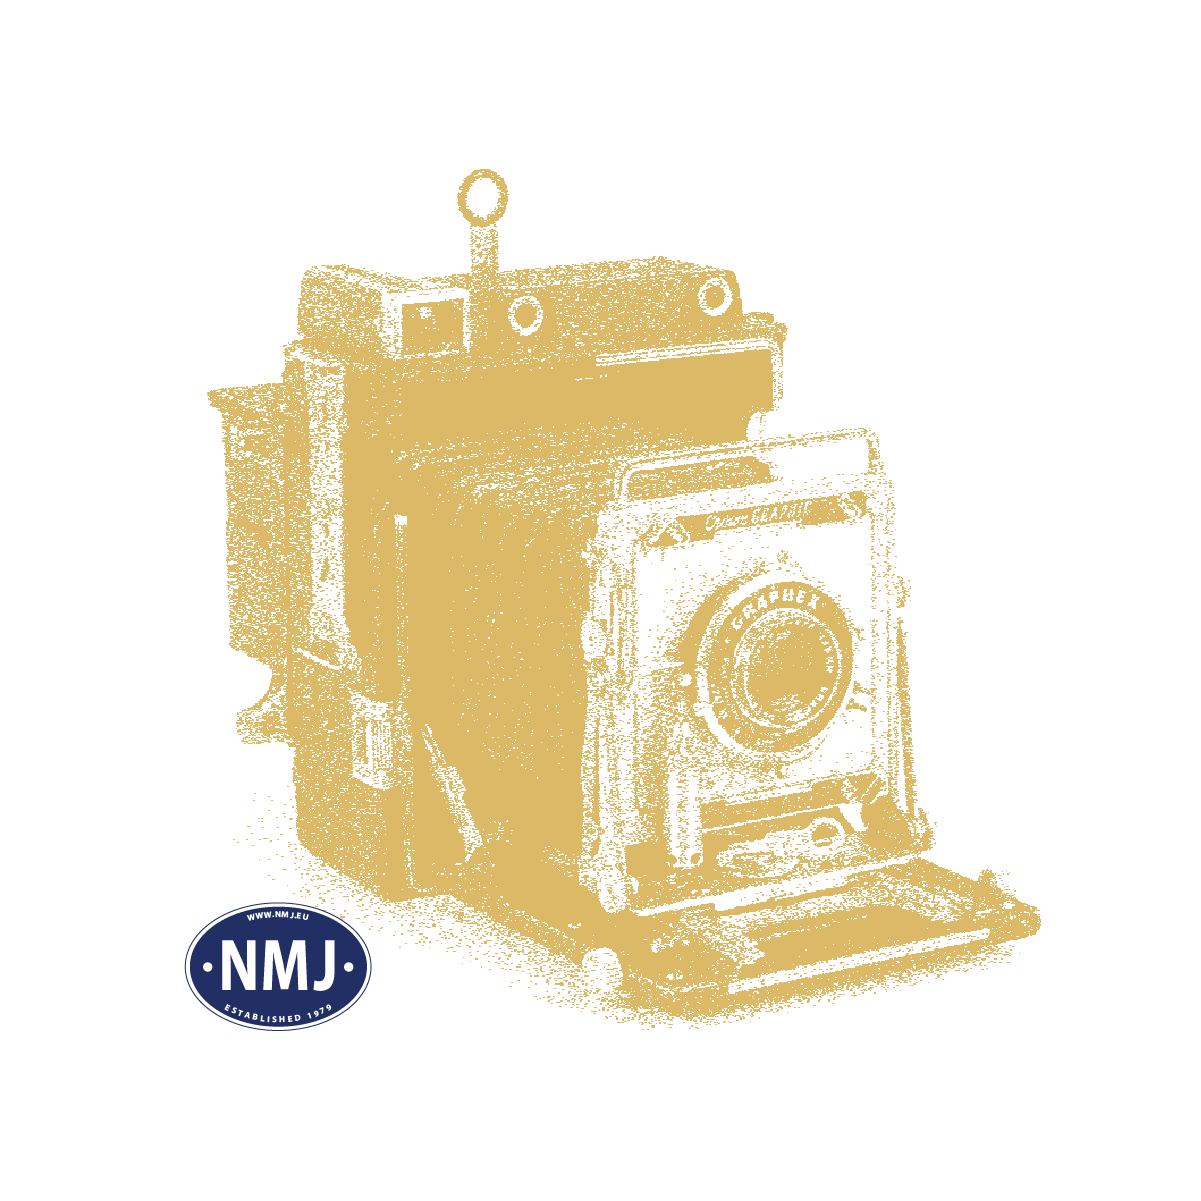 NMJT204.101 - NMJ Topline SJ B1 4917, 2. Kl storromsvogn, hvit SJ logo